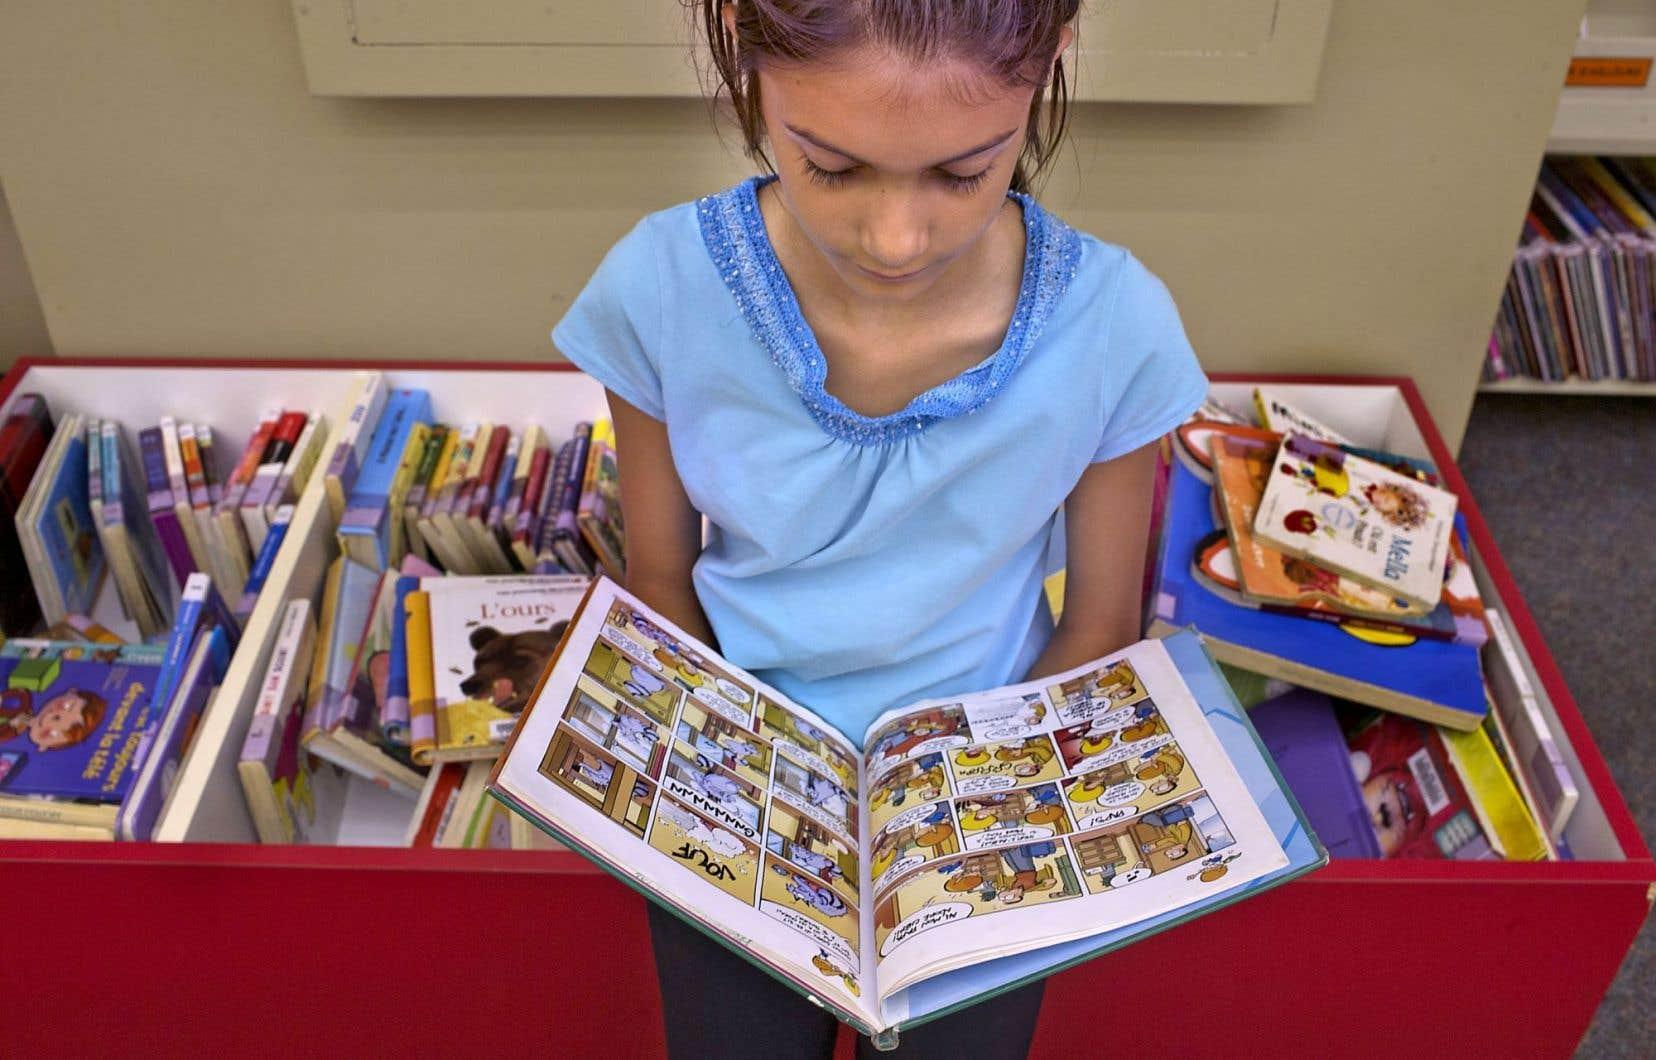 La première conclusion de l'étude est que les enfants avec des problèmes de lecture auront de ces problèmes qu'ils soient en classe d'immersion ou ordinaire. «Ce que je crois, c'est que les enfants qui reçoivent un soutien adéquat à l'école peuvent réussir un programme bilingue. L'important, c'est de les identifier très tôt pour leur offrir les meilleurs services», déclare la docteure Corinne Haigh.